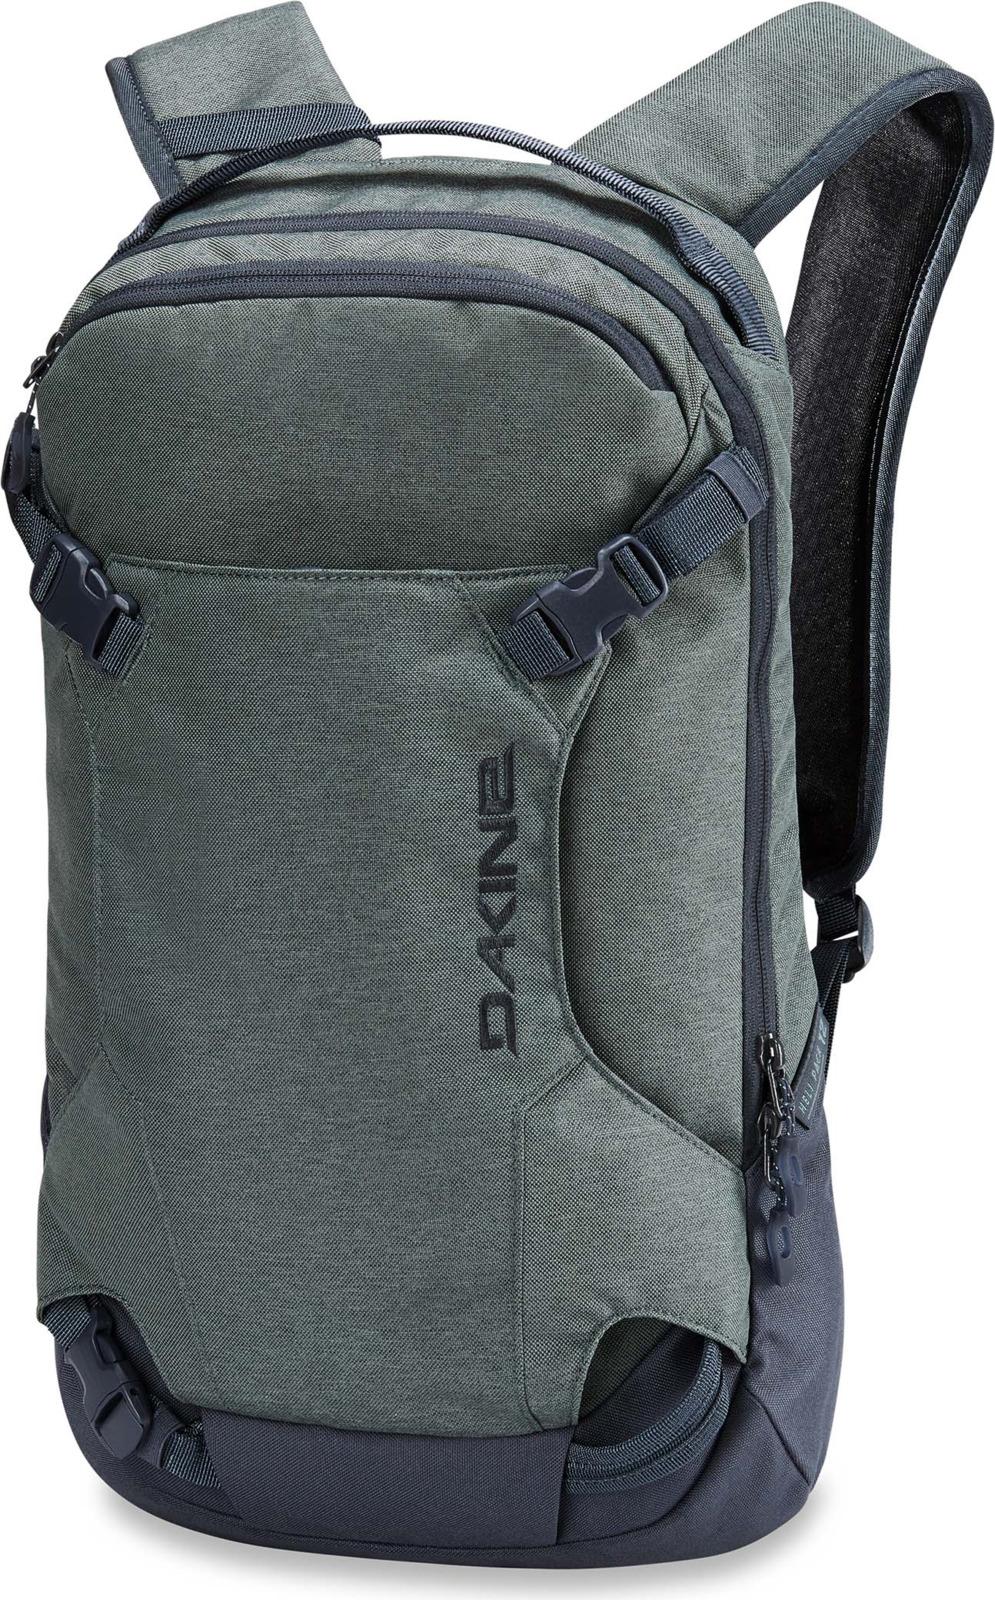 """Рюкзак для сноубордистов или горнолыжников. Это самый маленький рюкзак из семейства HELI. Только самое необходимое можно положить в него. (объем 12 литров) Совок лопаты закрепляется снаружи. Одно отделение, в которое встраивается защита спины(продается отдельно). В него можно положить ноутбук до 15"""", что делает его пригодным для использования в городе. Во время пеших перемещений лыжи или сноуборд можно подвесить к рюкзаку за специальные лямки. Анатомические лямки. Габариты : 50х30х10 см. Вес 0,7 кг."""